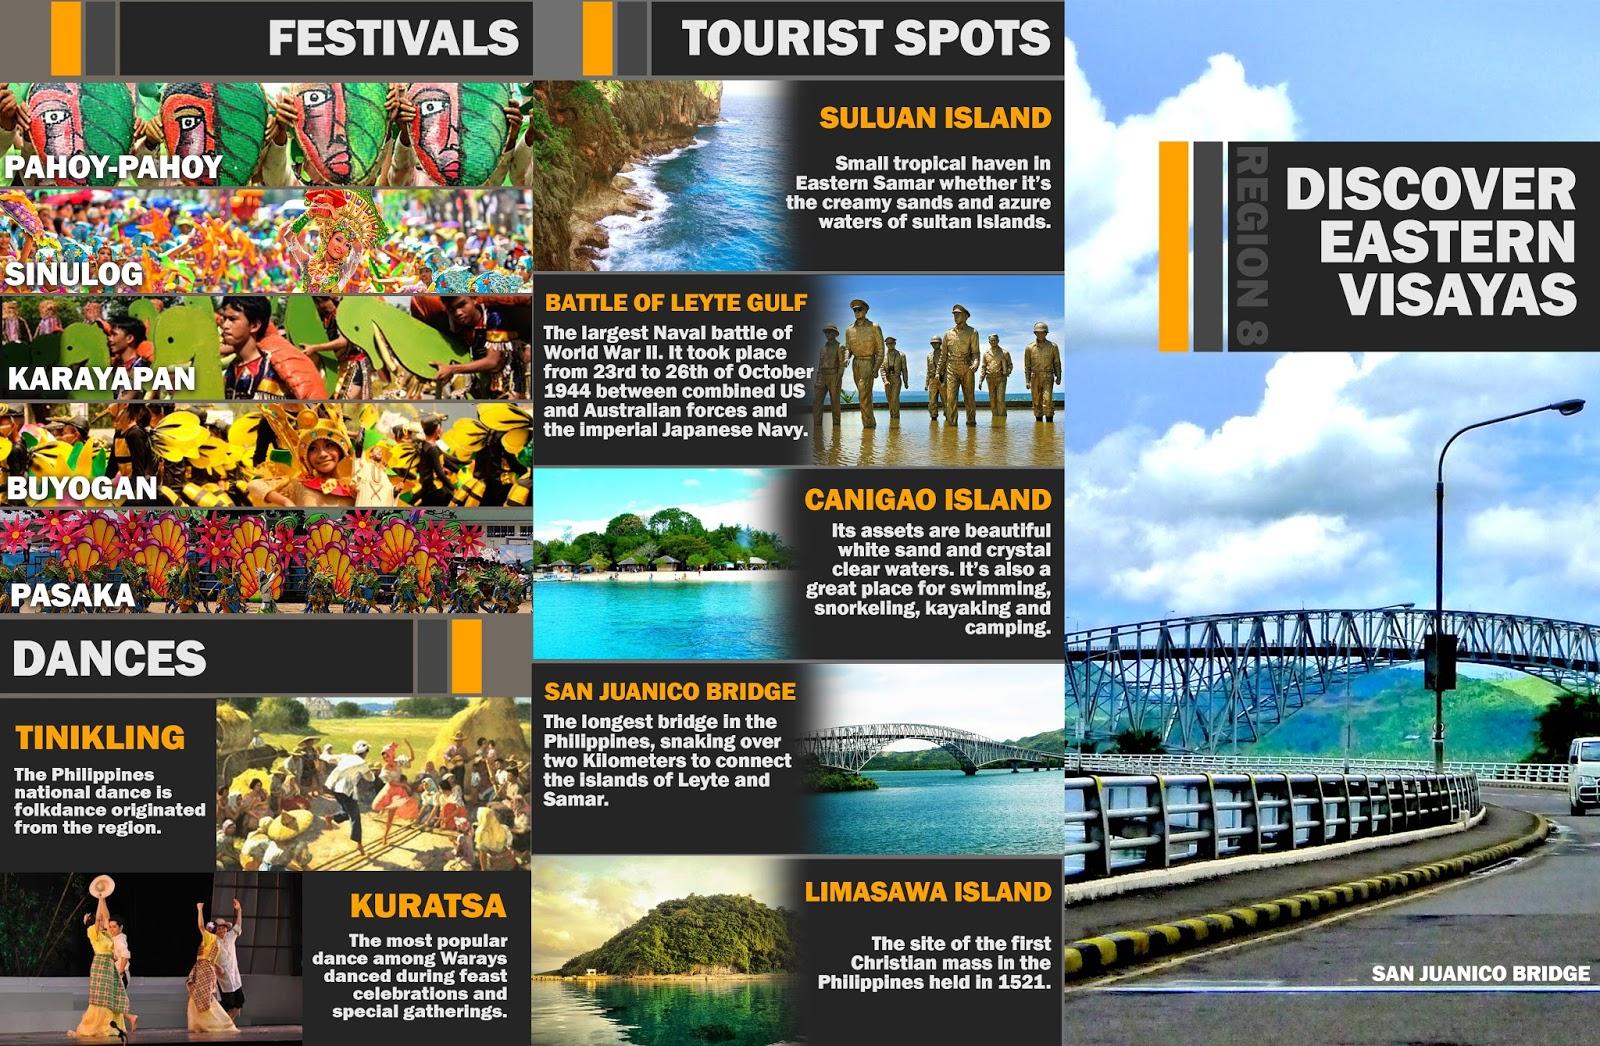 Promotional Flyers: Discover Eastern Visayas Region 8